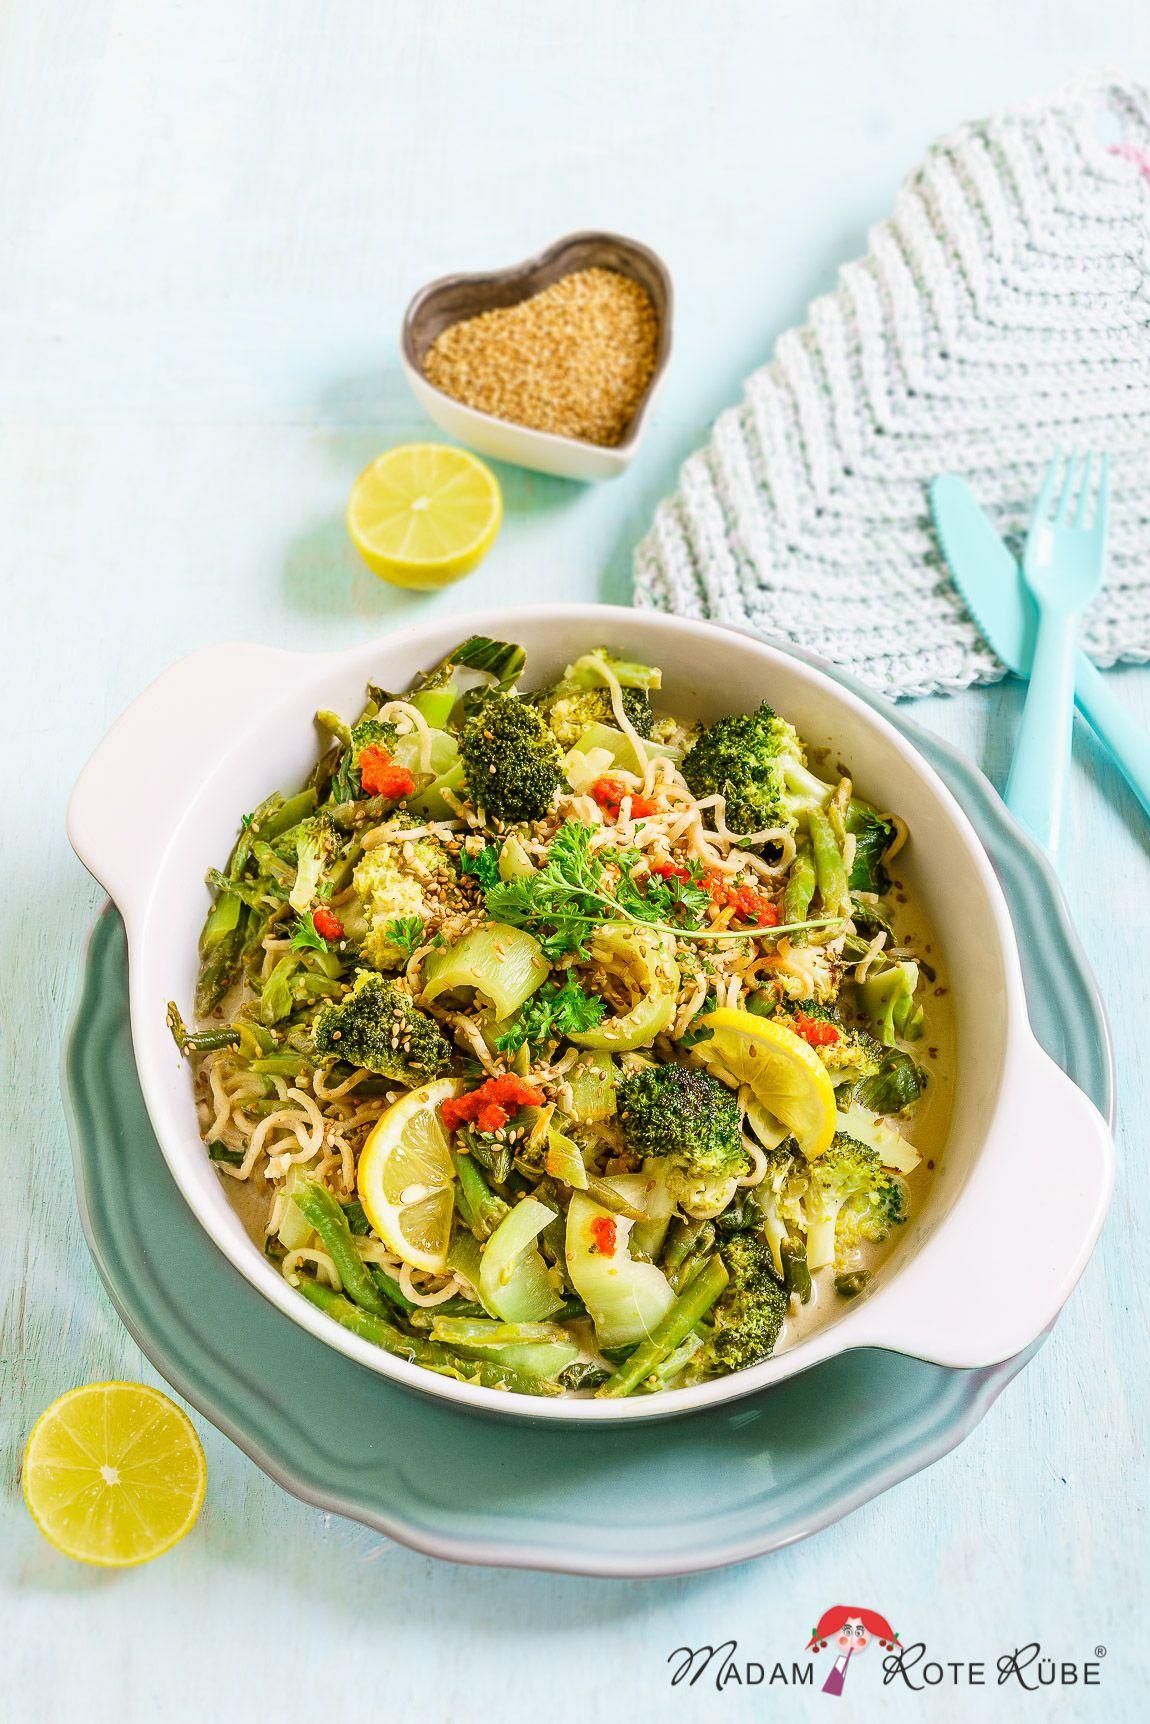 Pak Choi-Gemüsepfanne mit Brokkoli, grünen Bohnen und Mie-Nudeln – Madam Rote Rübe & die Landküche